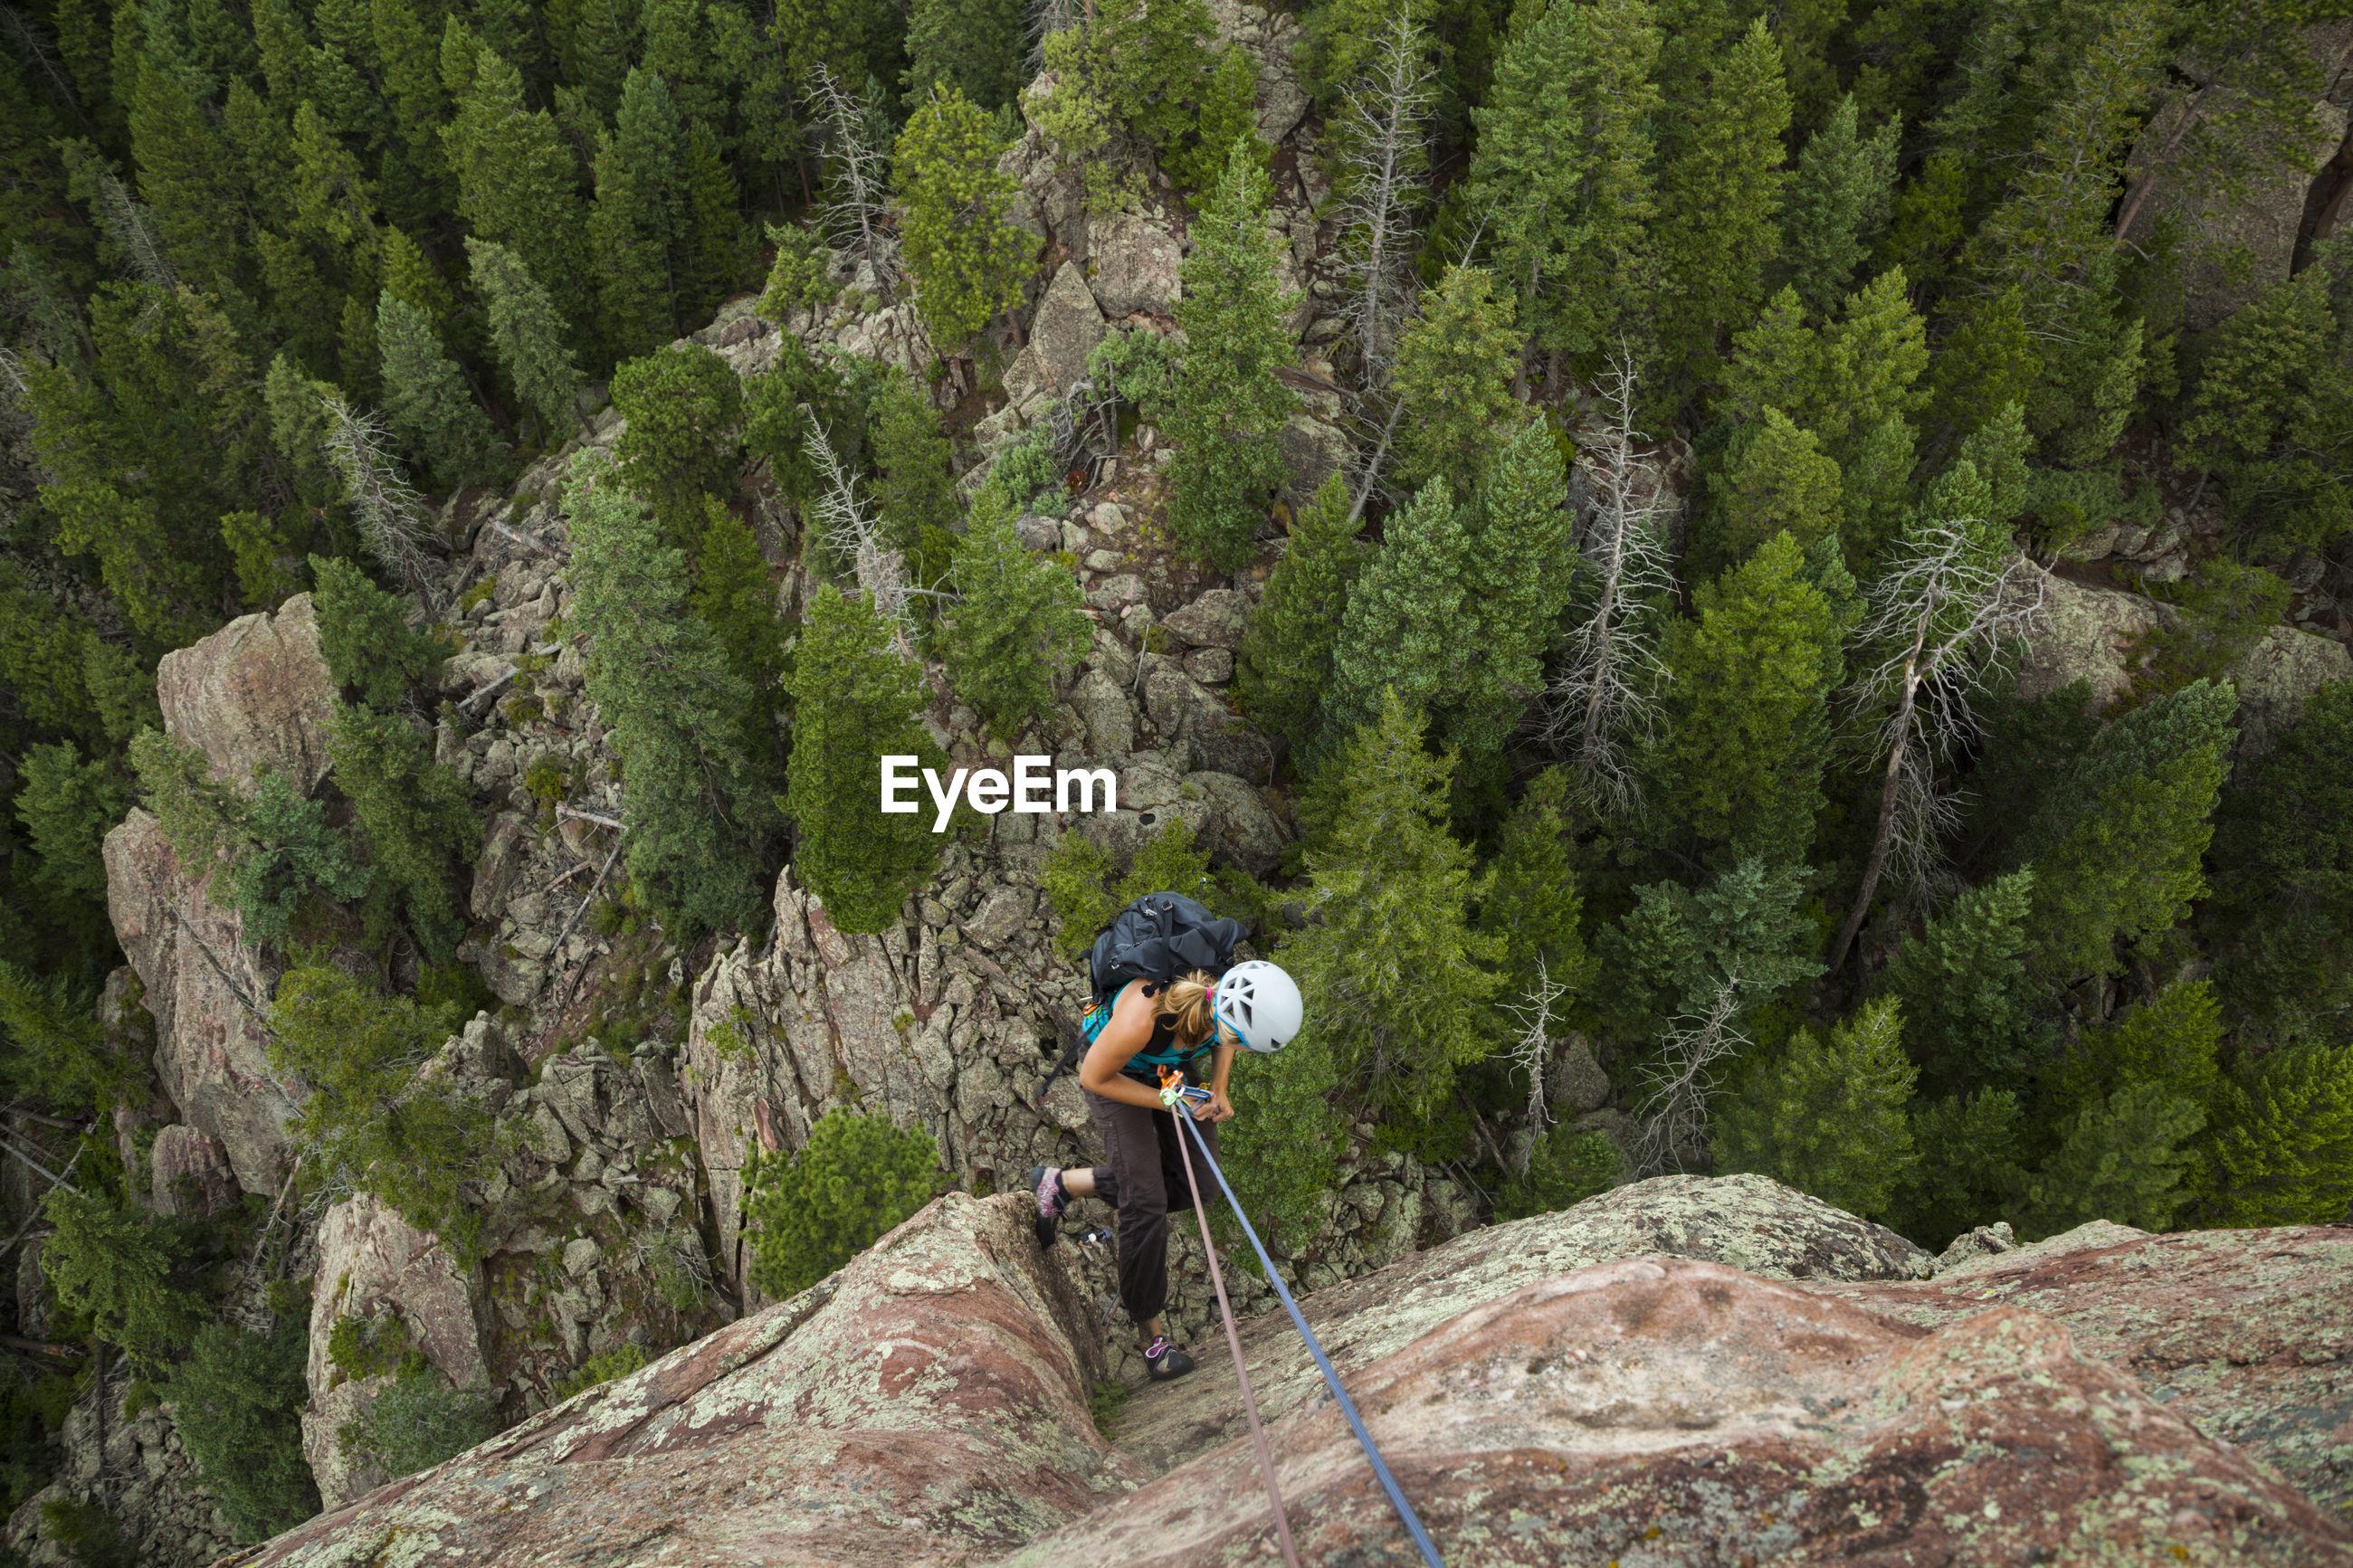 FULL LENGTH OF MAN ON ROCKS IN FOREST